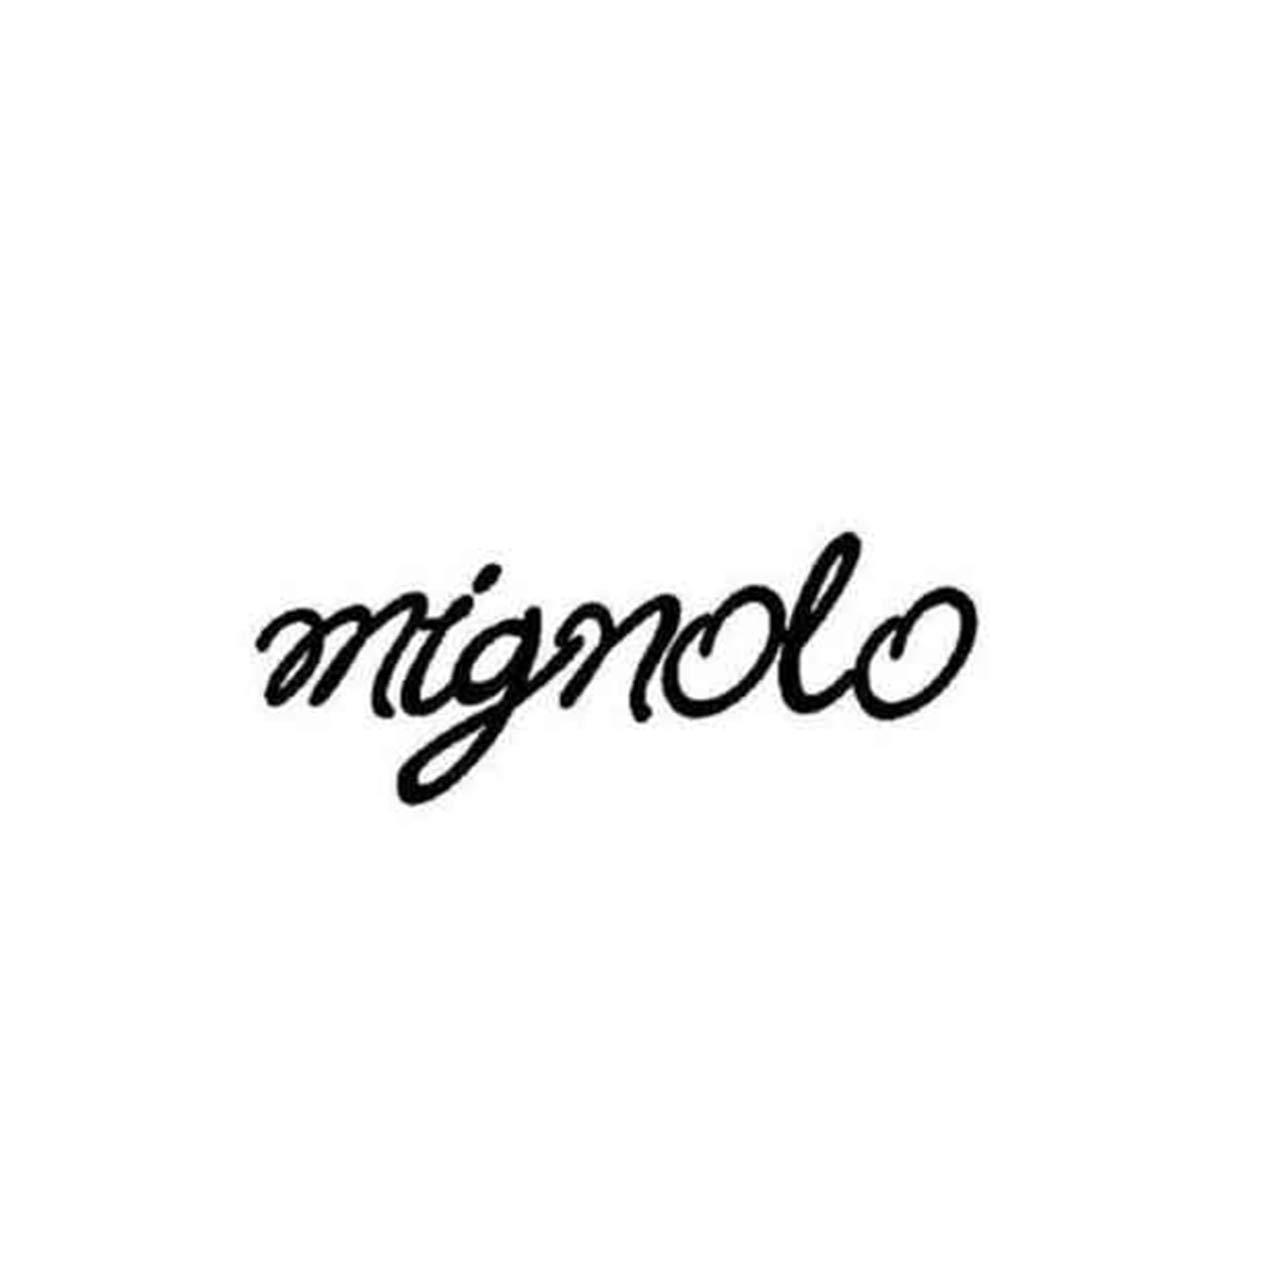 MIGNOLO Tutina NEONATA Cuori Rosa CINIGLIA 2K170 Magica